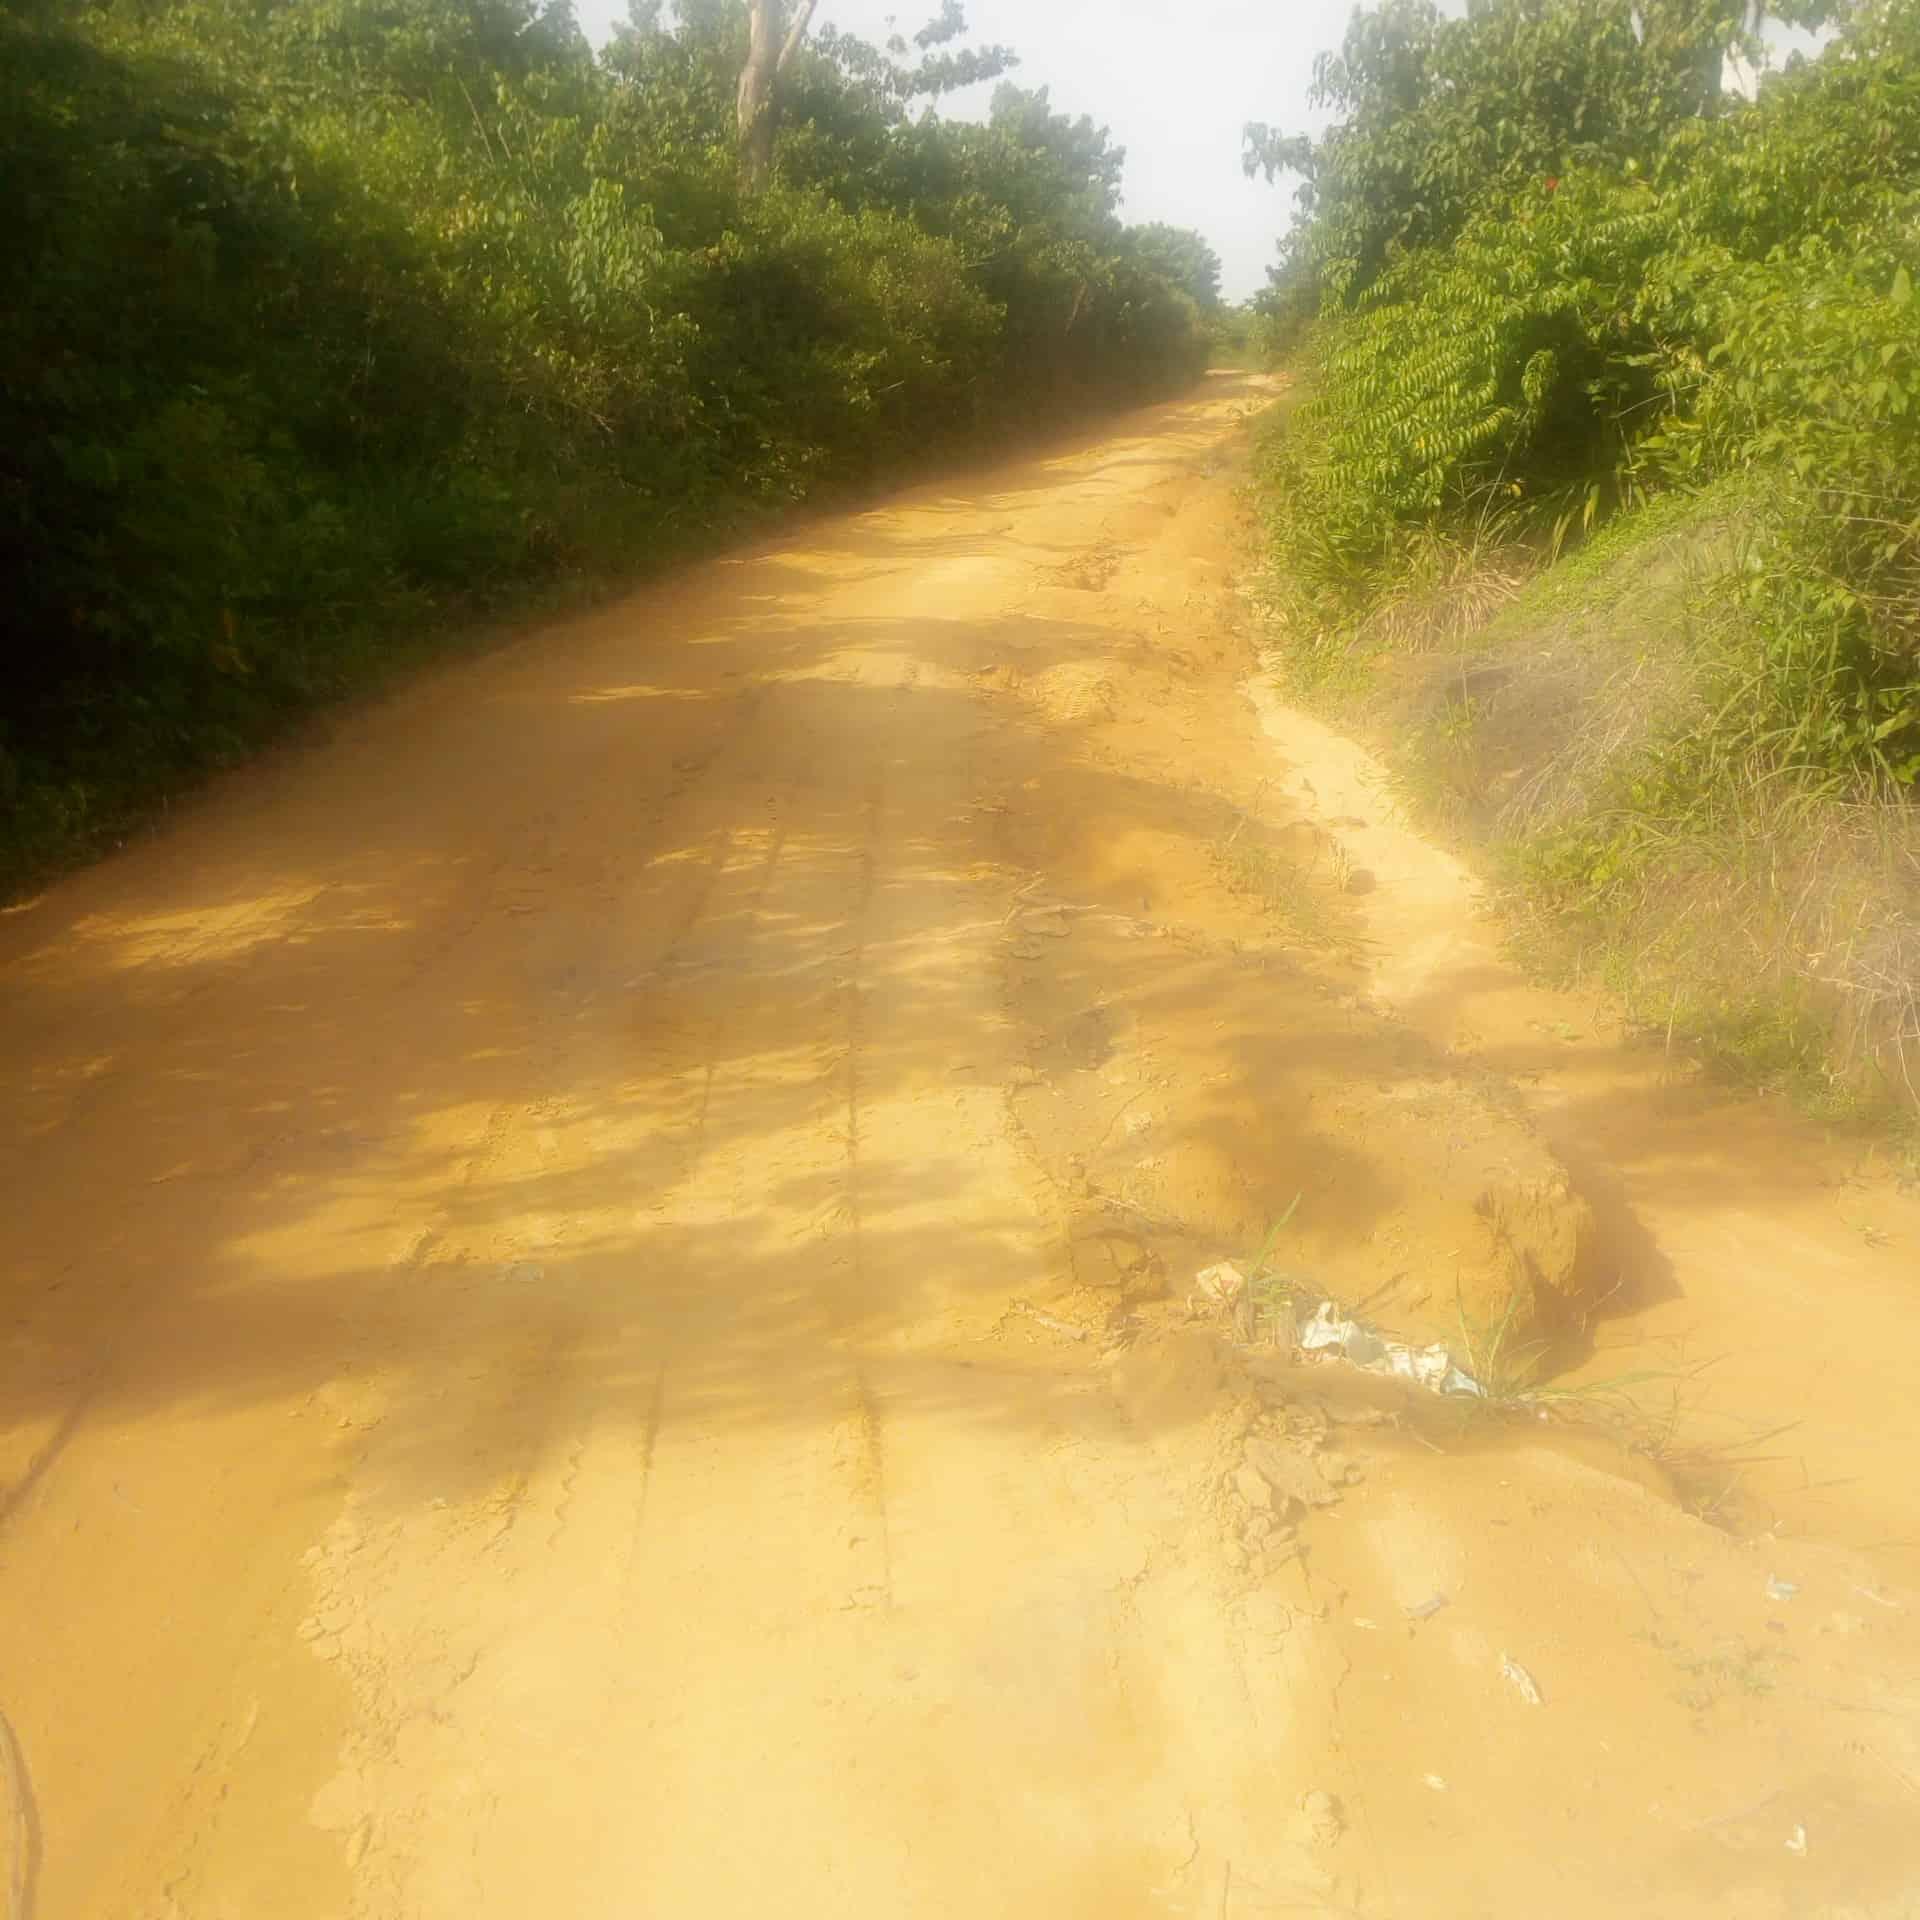 Land for sale at Douala, PK 26, Séminaire - 5000 m2 - 6 000 000 FCFA